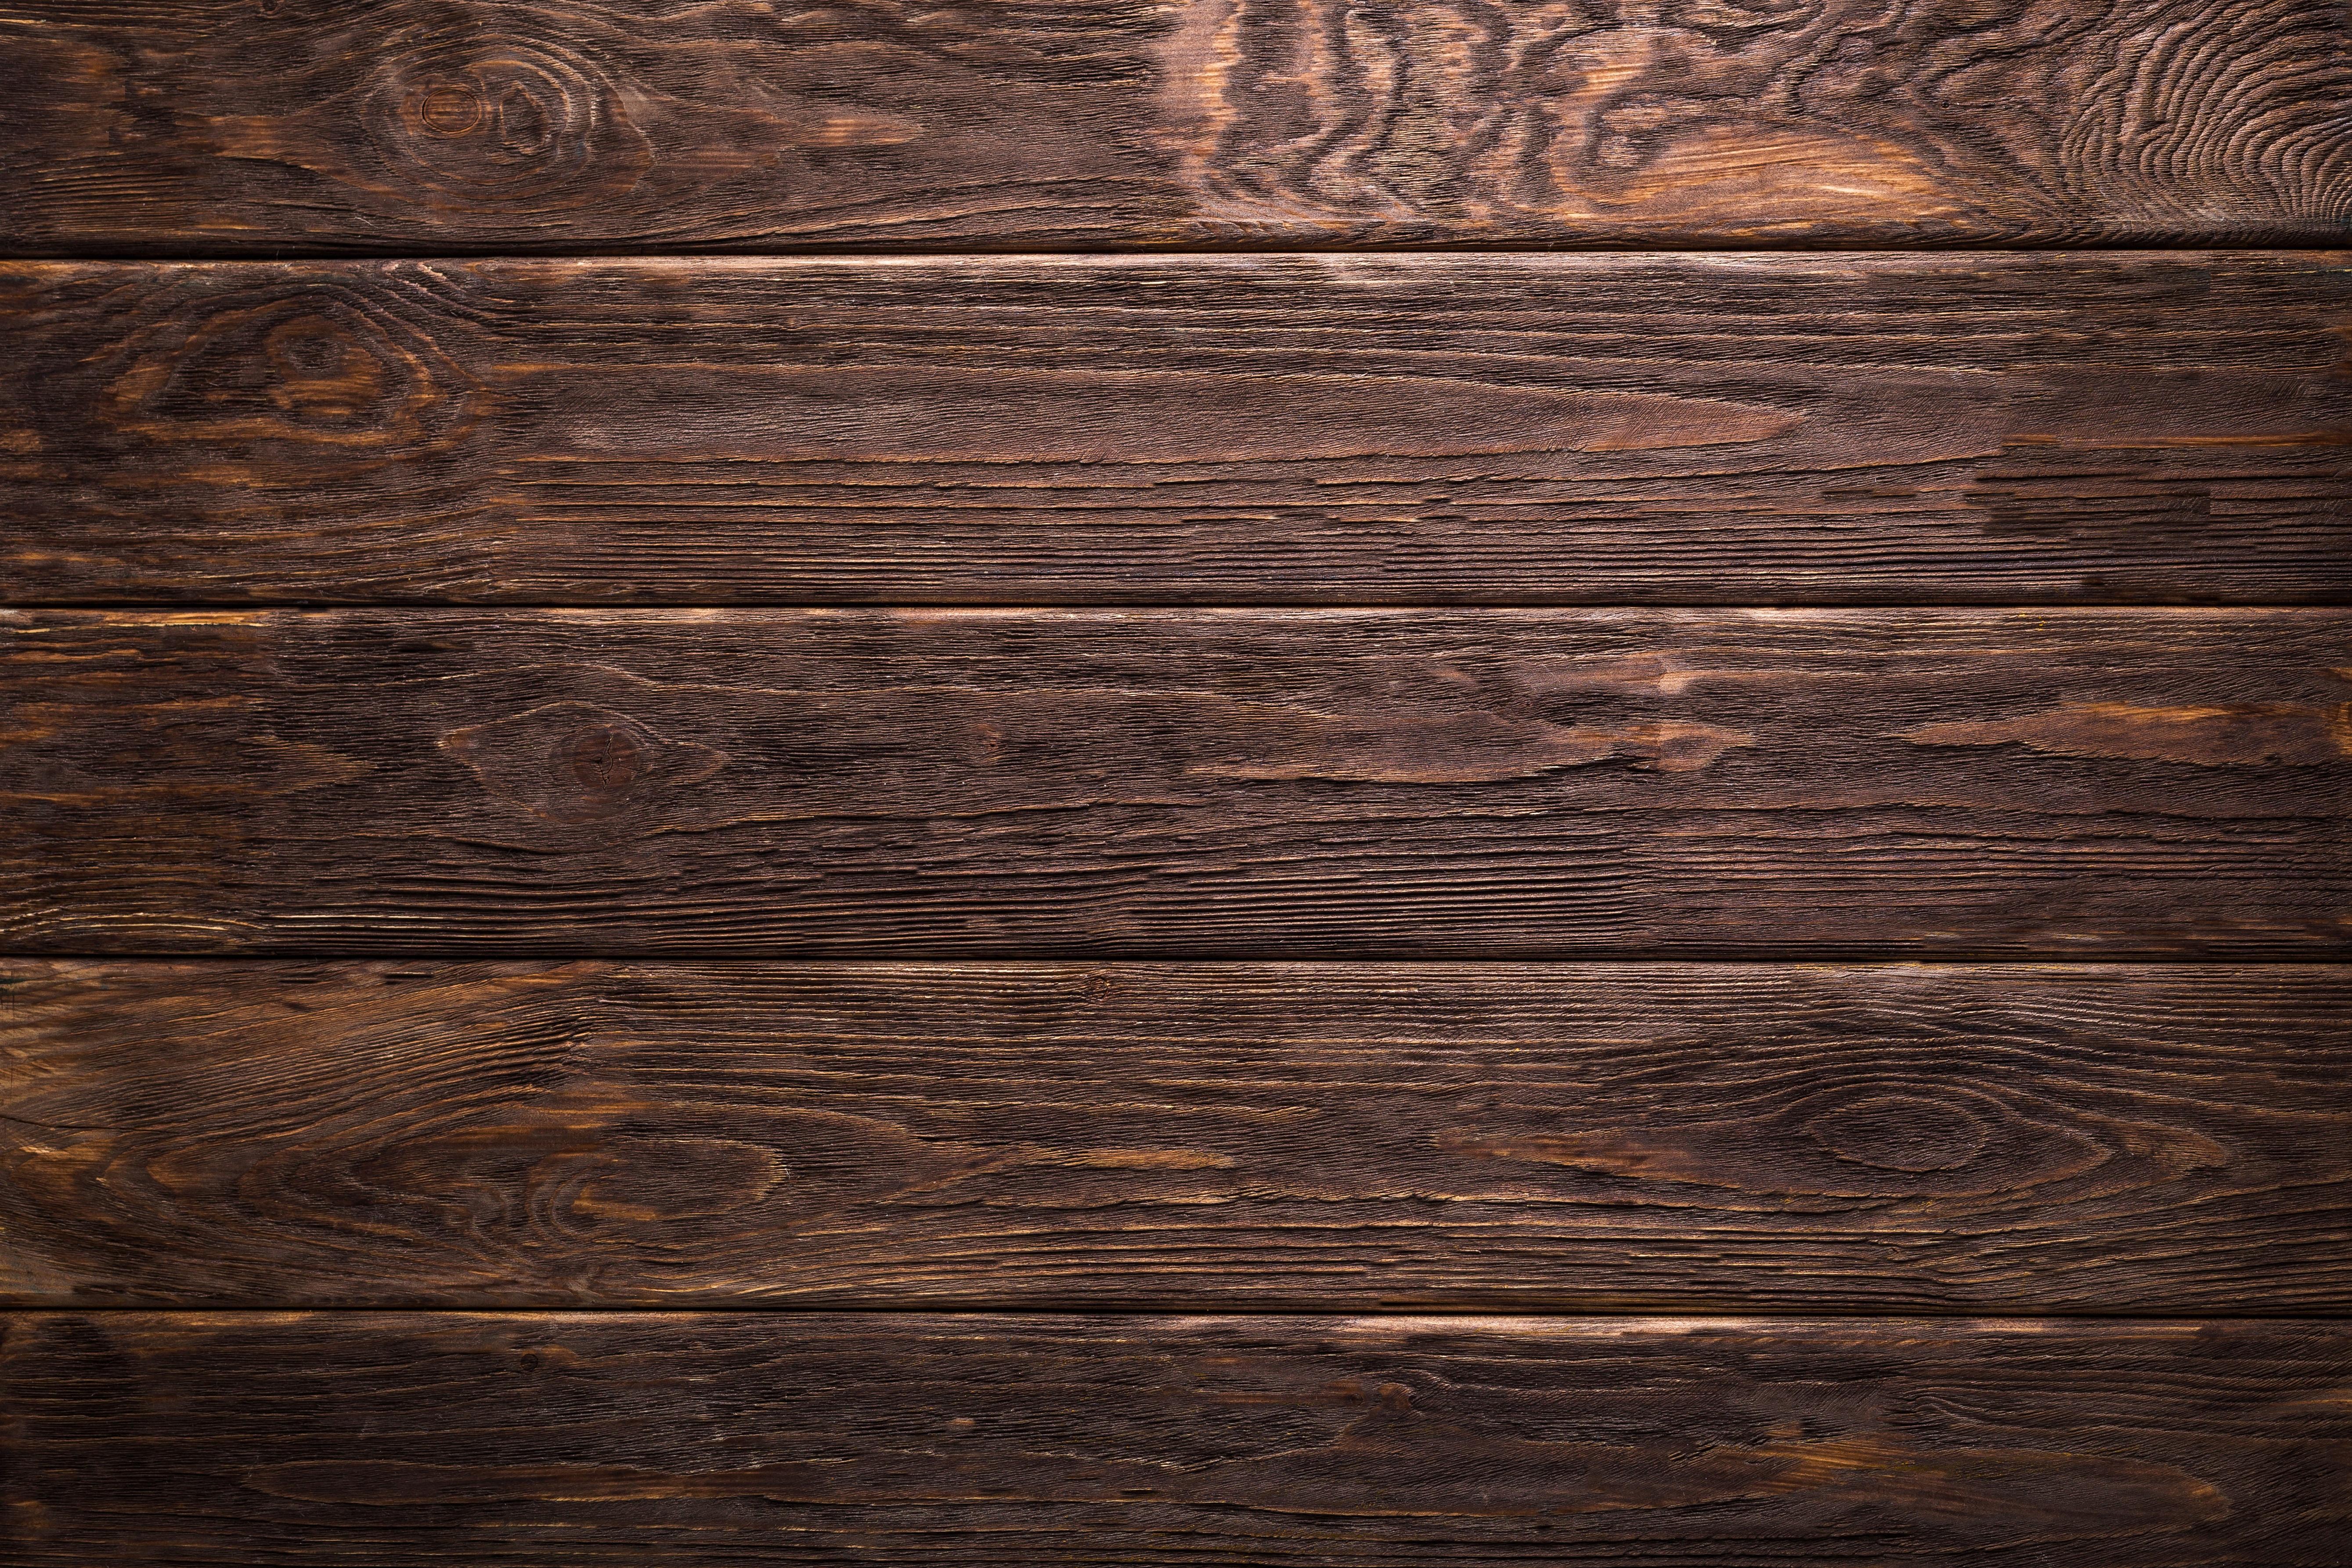 wallpaper wood, surface, texture, boards HD : Widescreen : High ...